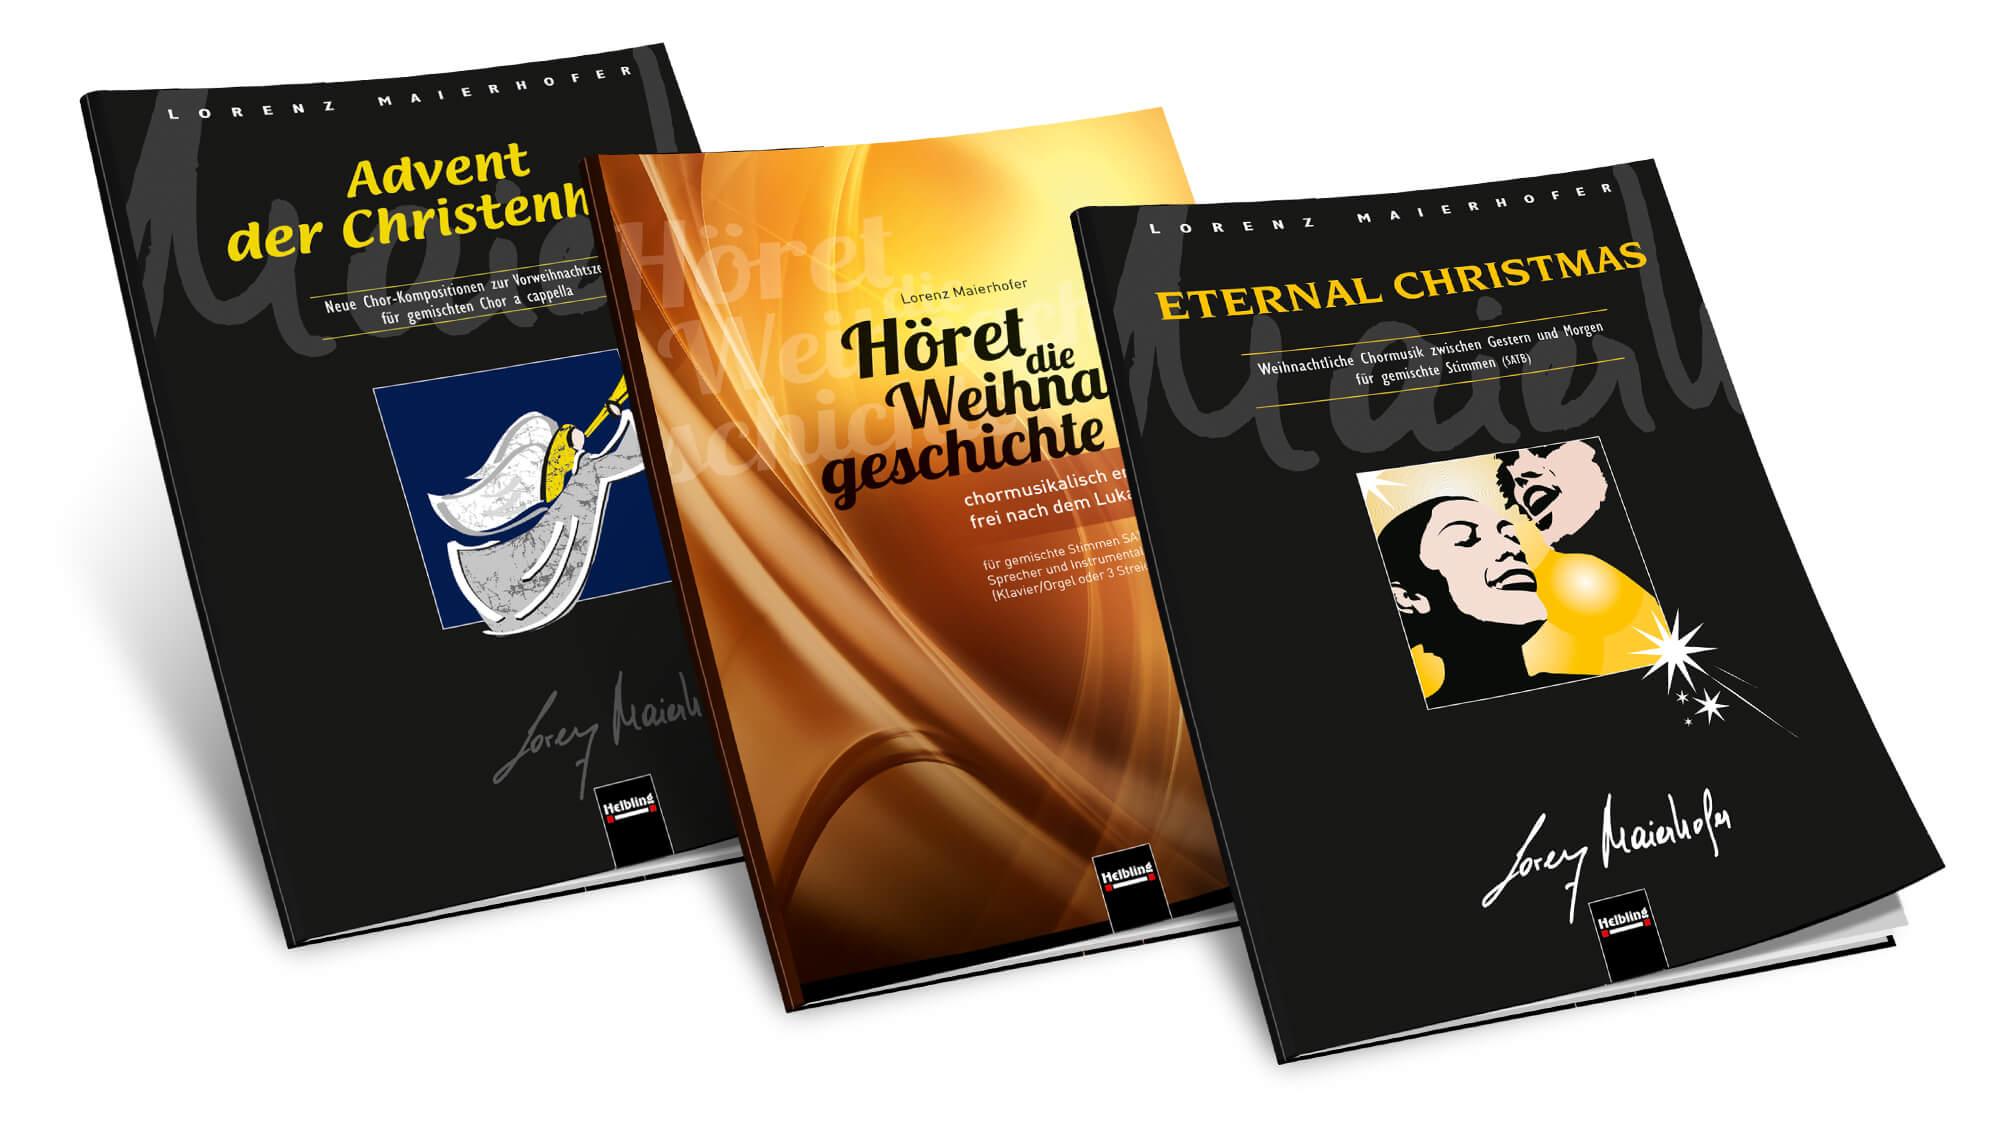 ▸  ADVENT DER CHRISTENHEIT  ▸  HÖRET DIE WEIHNACHTSGESCHICHTE  ▸ ETERNAL CHRISTMAS